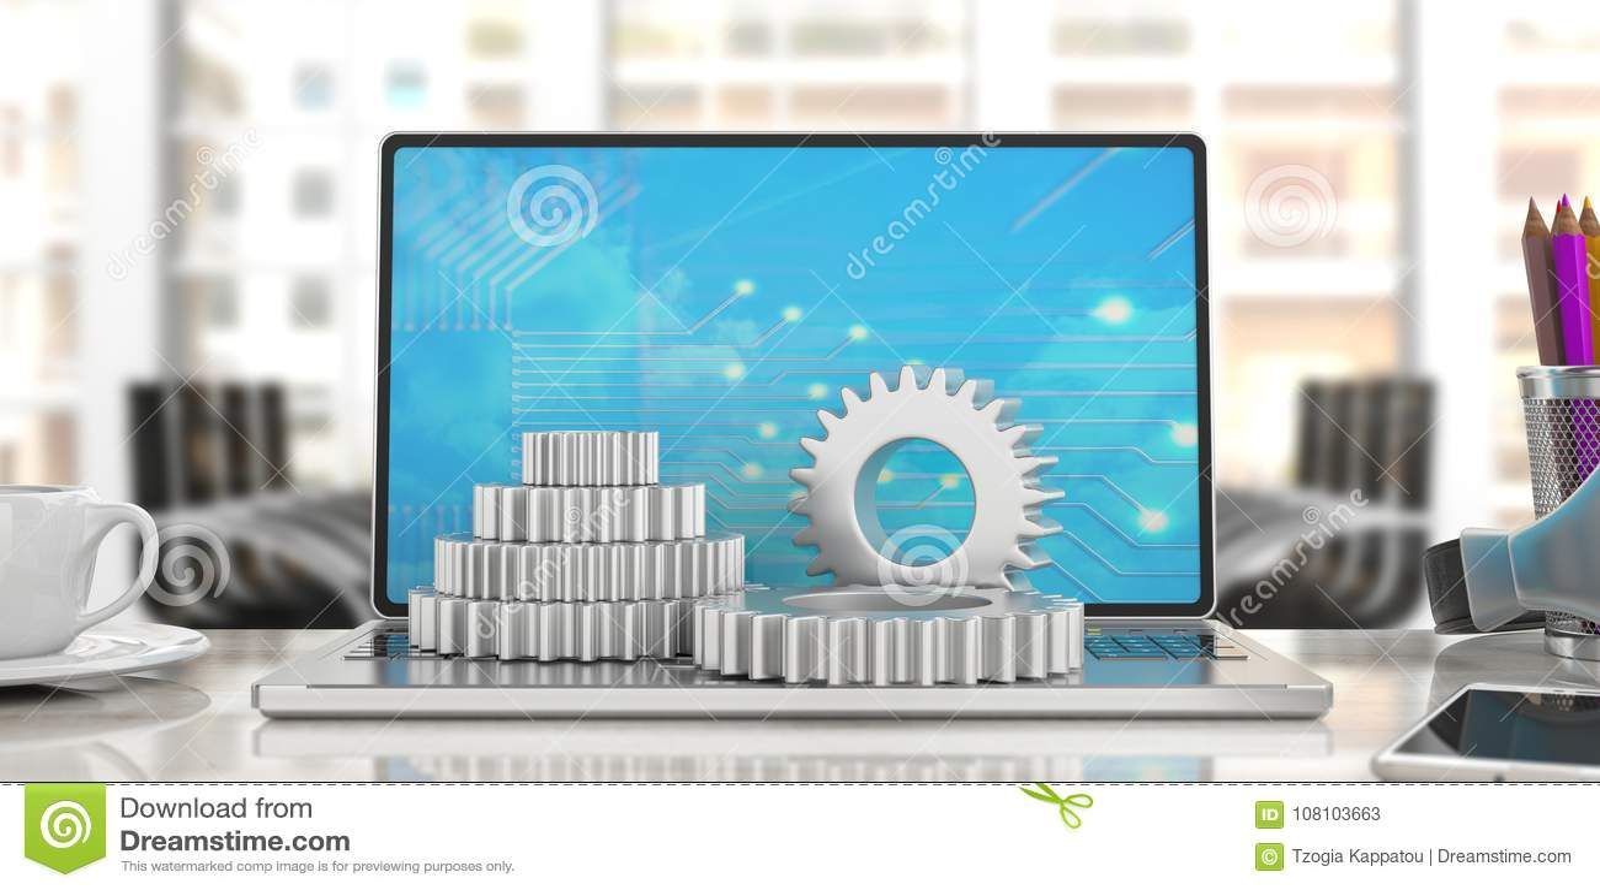 Belägga med metall kugghjul på en bärbar dator, suddighetskontorsbakgrund illustration 3d